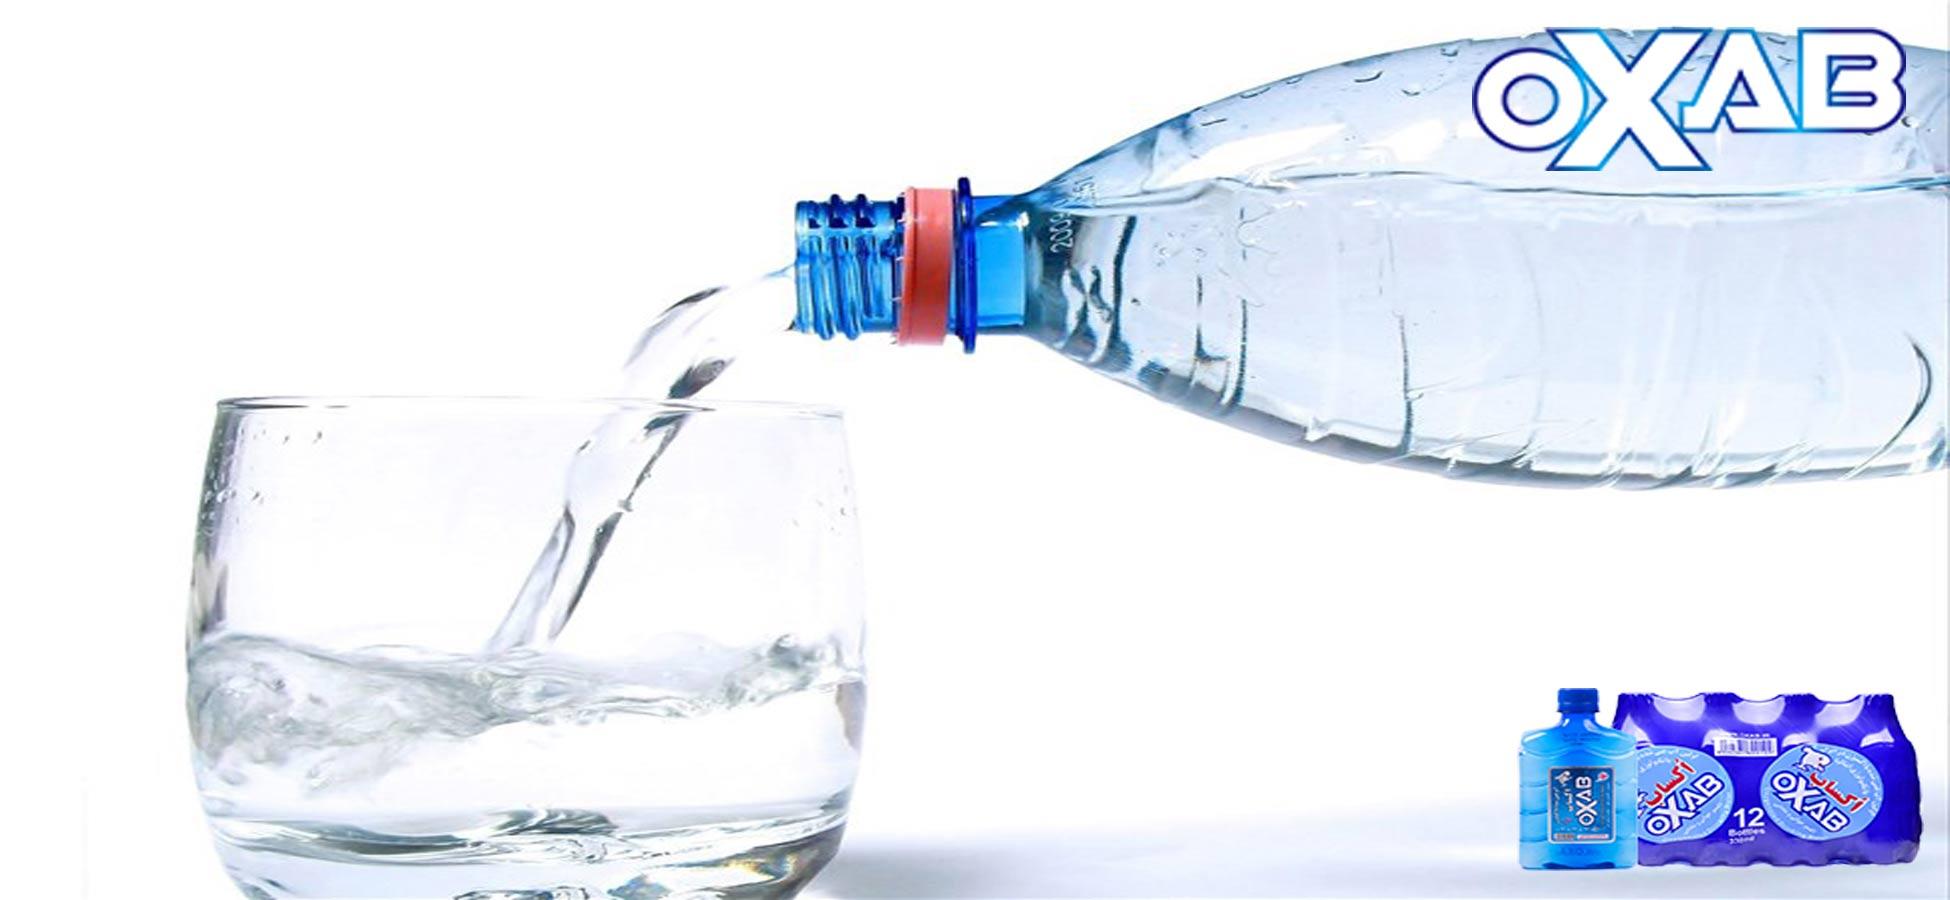 خرید آب . آیا همه املاح موجود در آب آشامیدنی برای ما مفید است؟